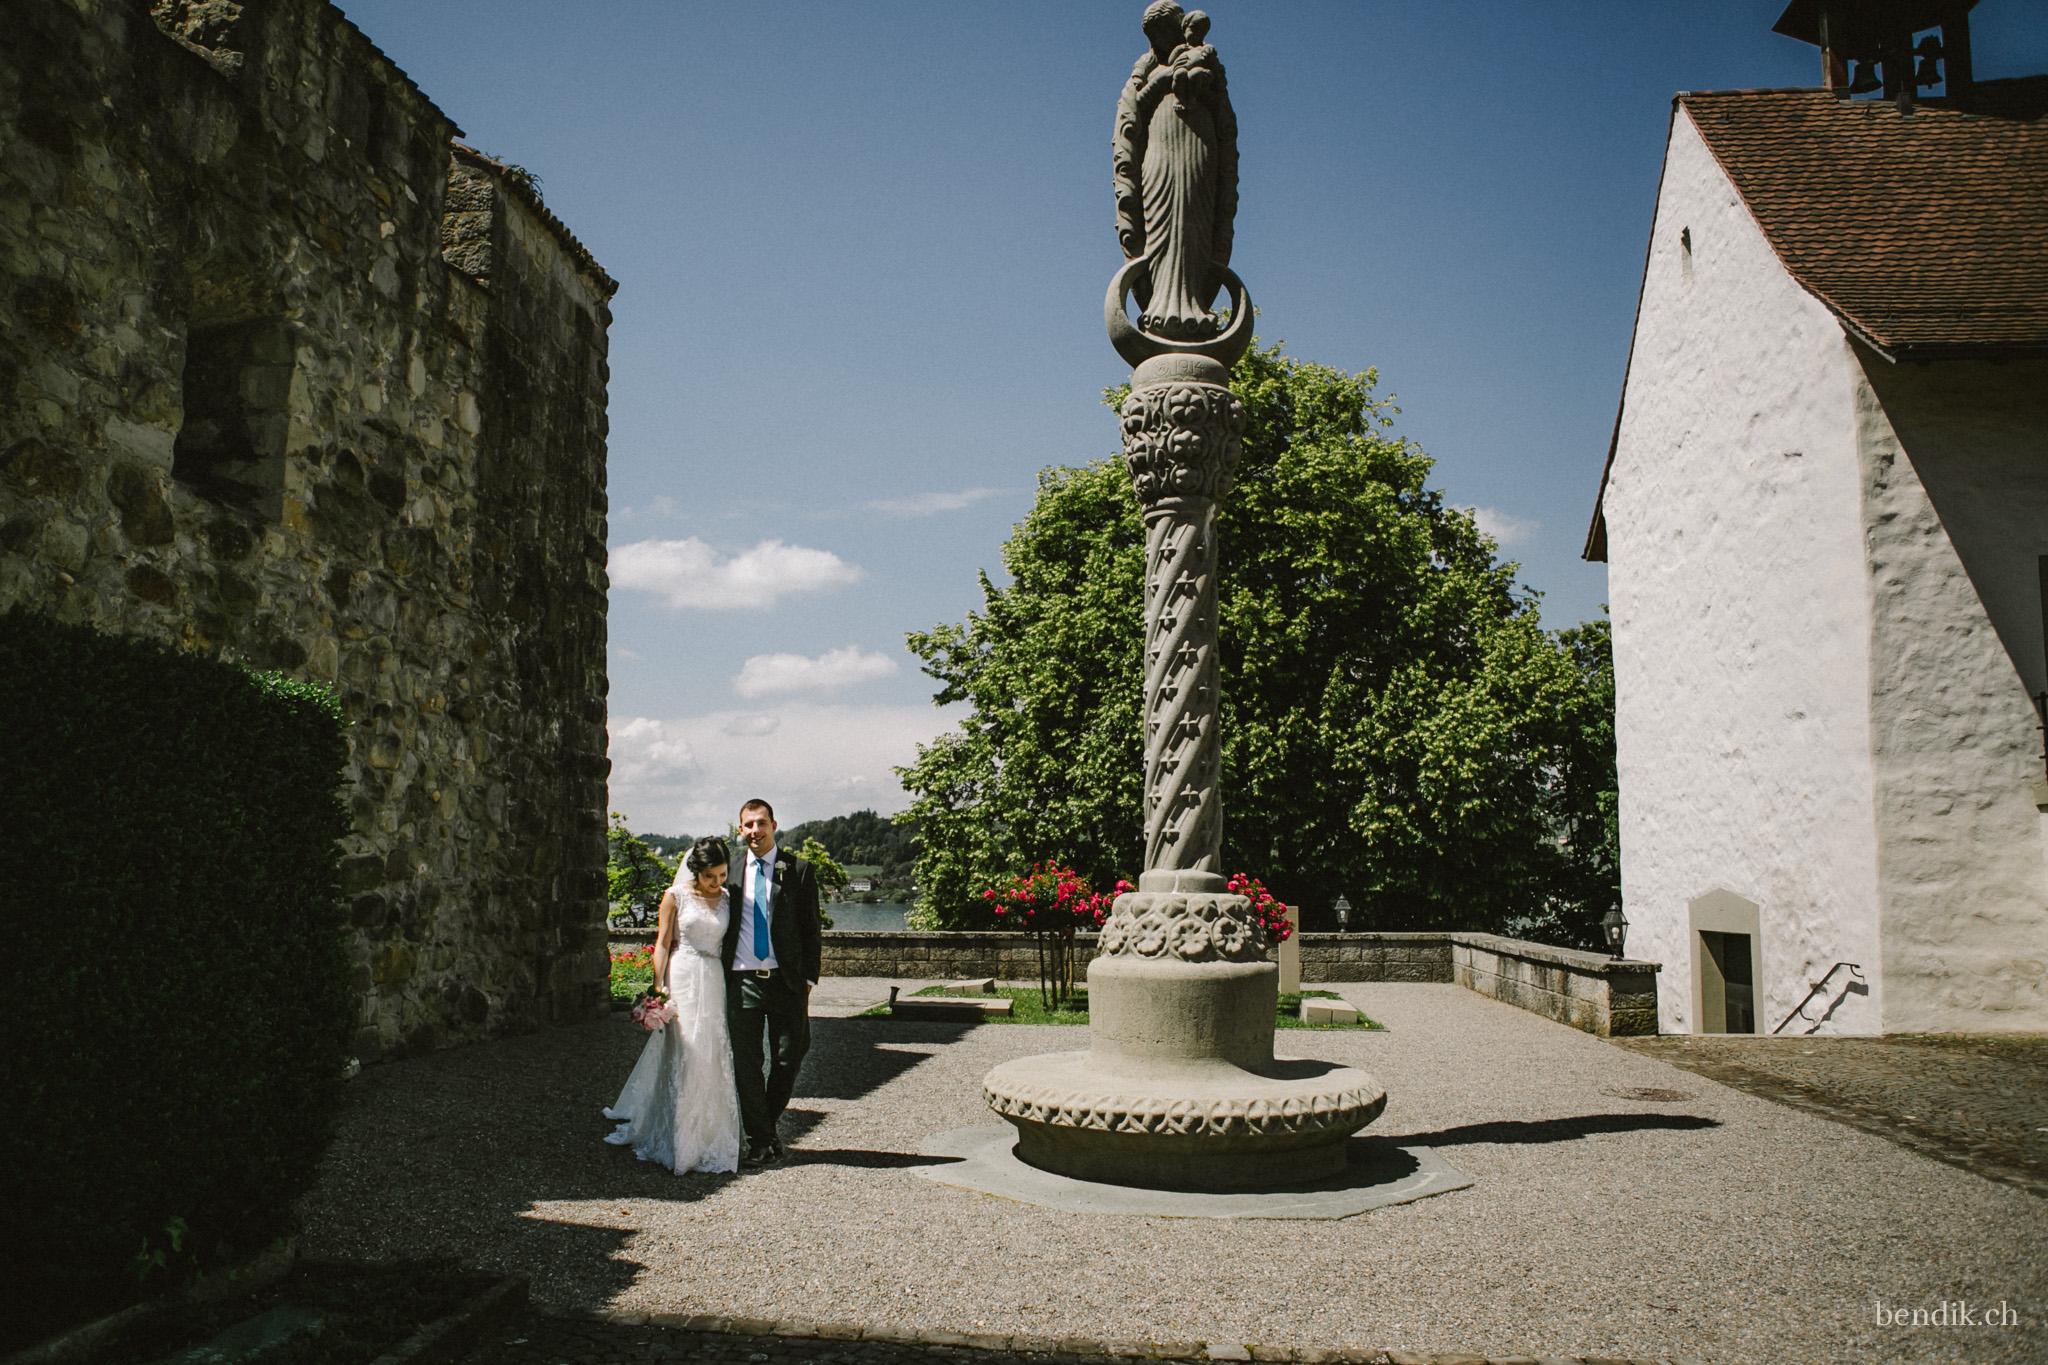 Brautpaar schreitet in Umarmung durch die Rapperswiler Altstadt